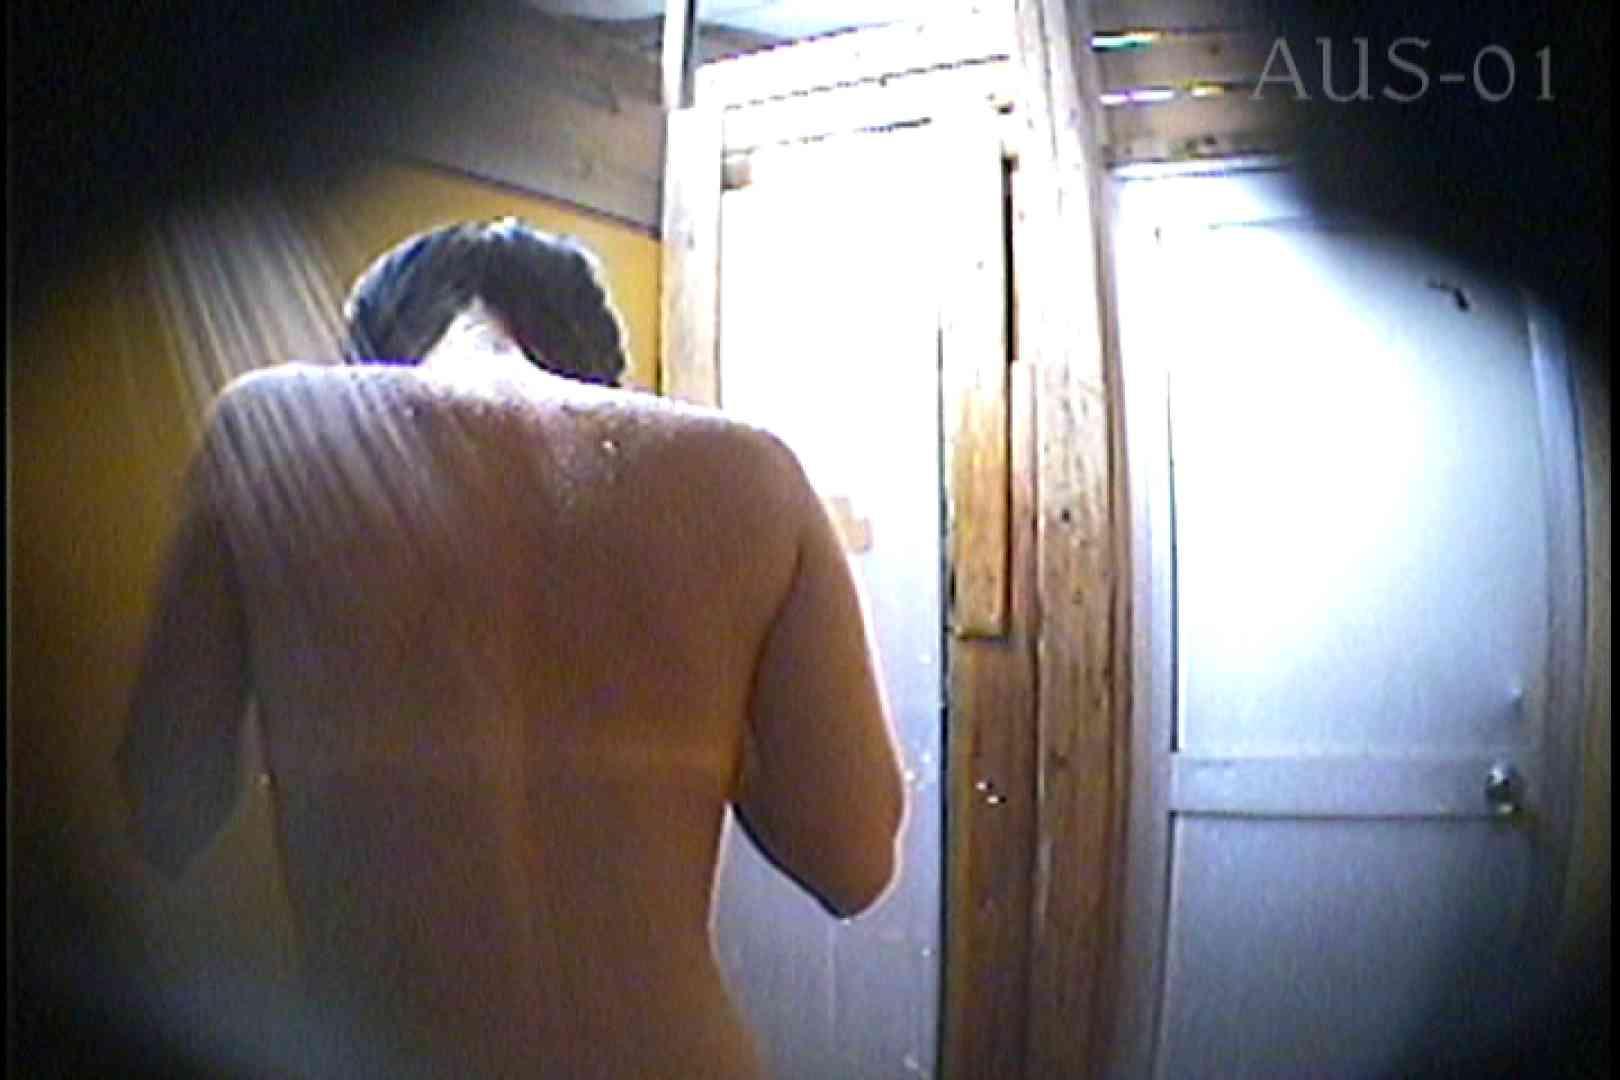 海の家の更衣室 Vol.01 美女 アダルト動画キャプチャ 104枚 53